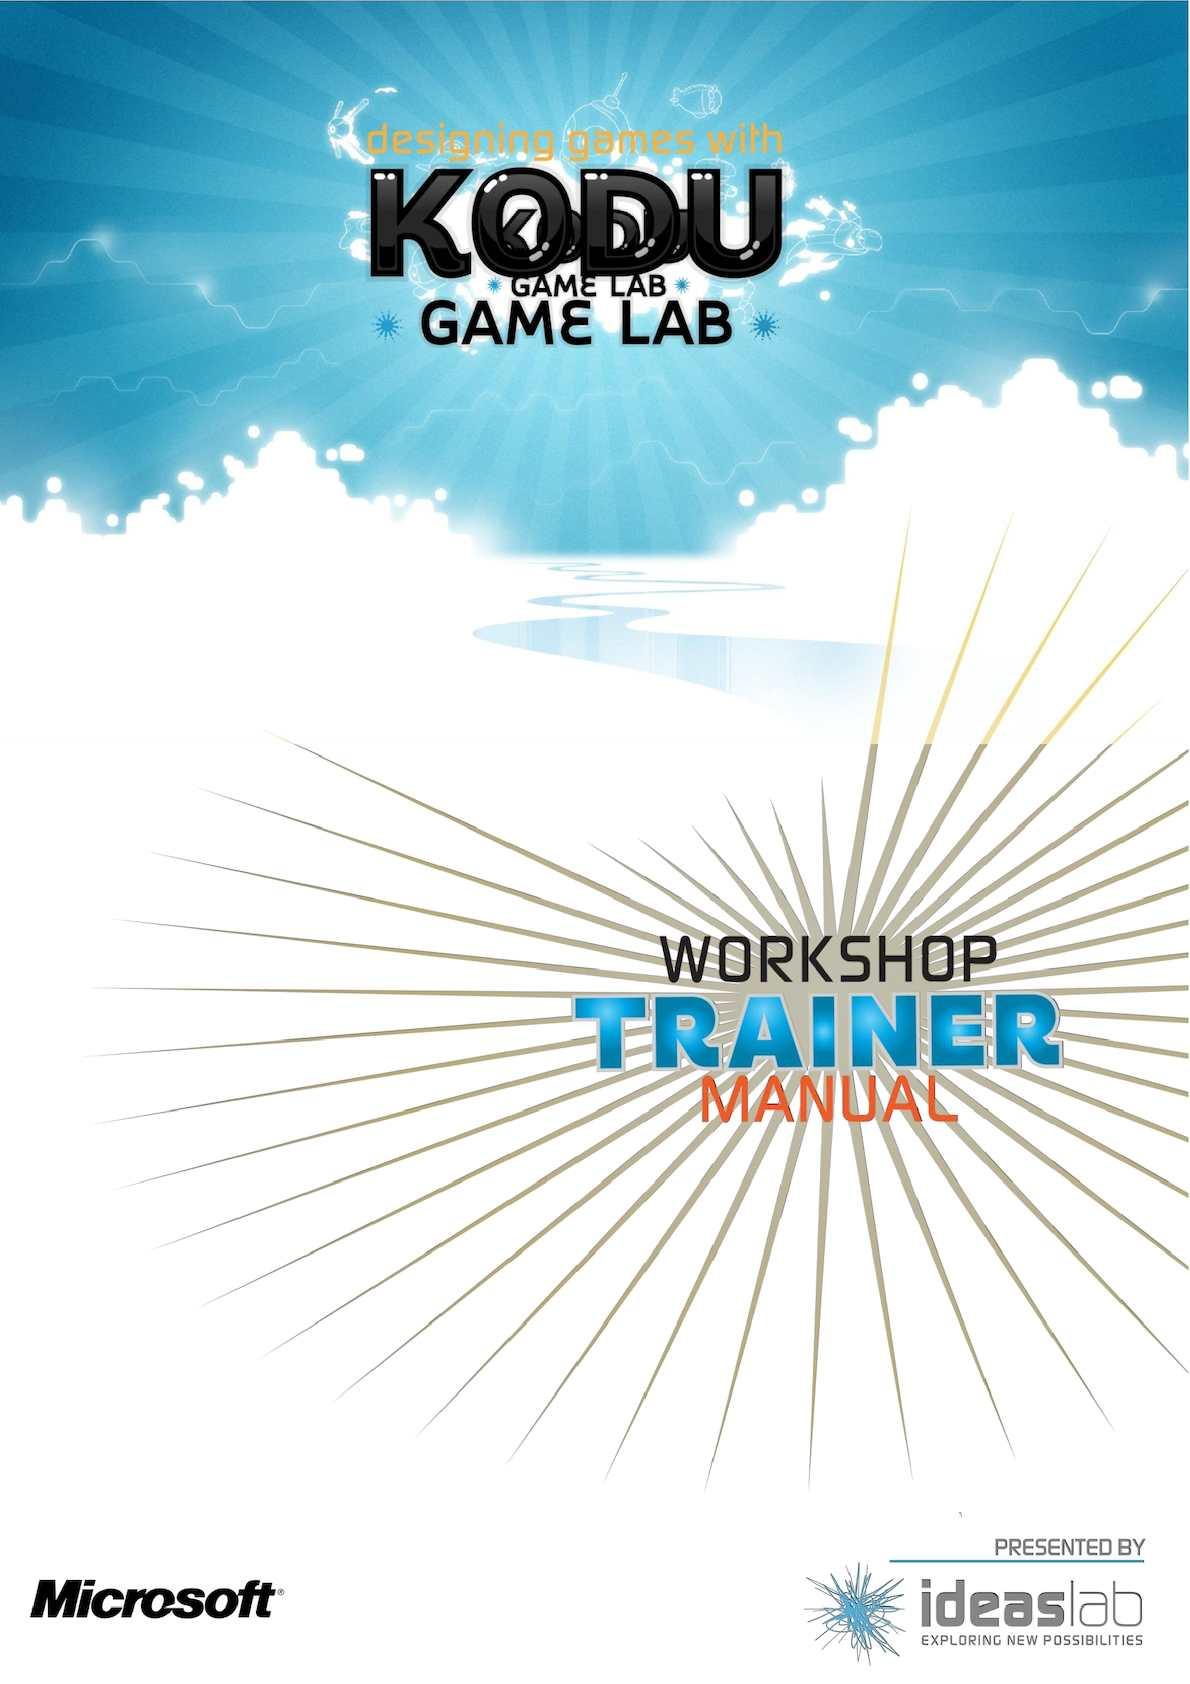 Calaméo - Kodu Game Lab Manual Del Entrenador